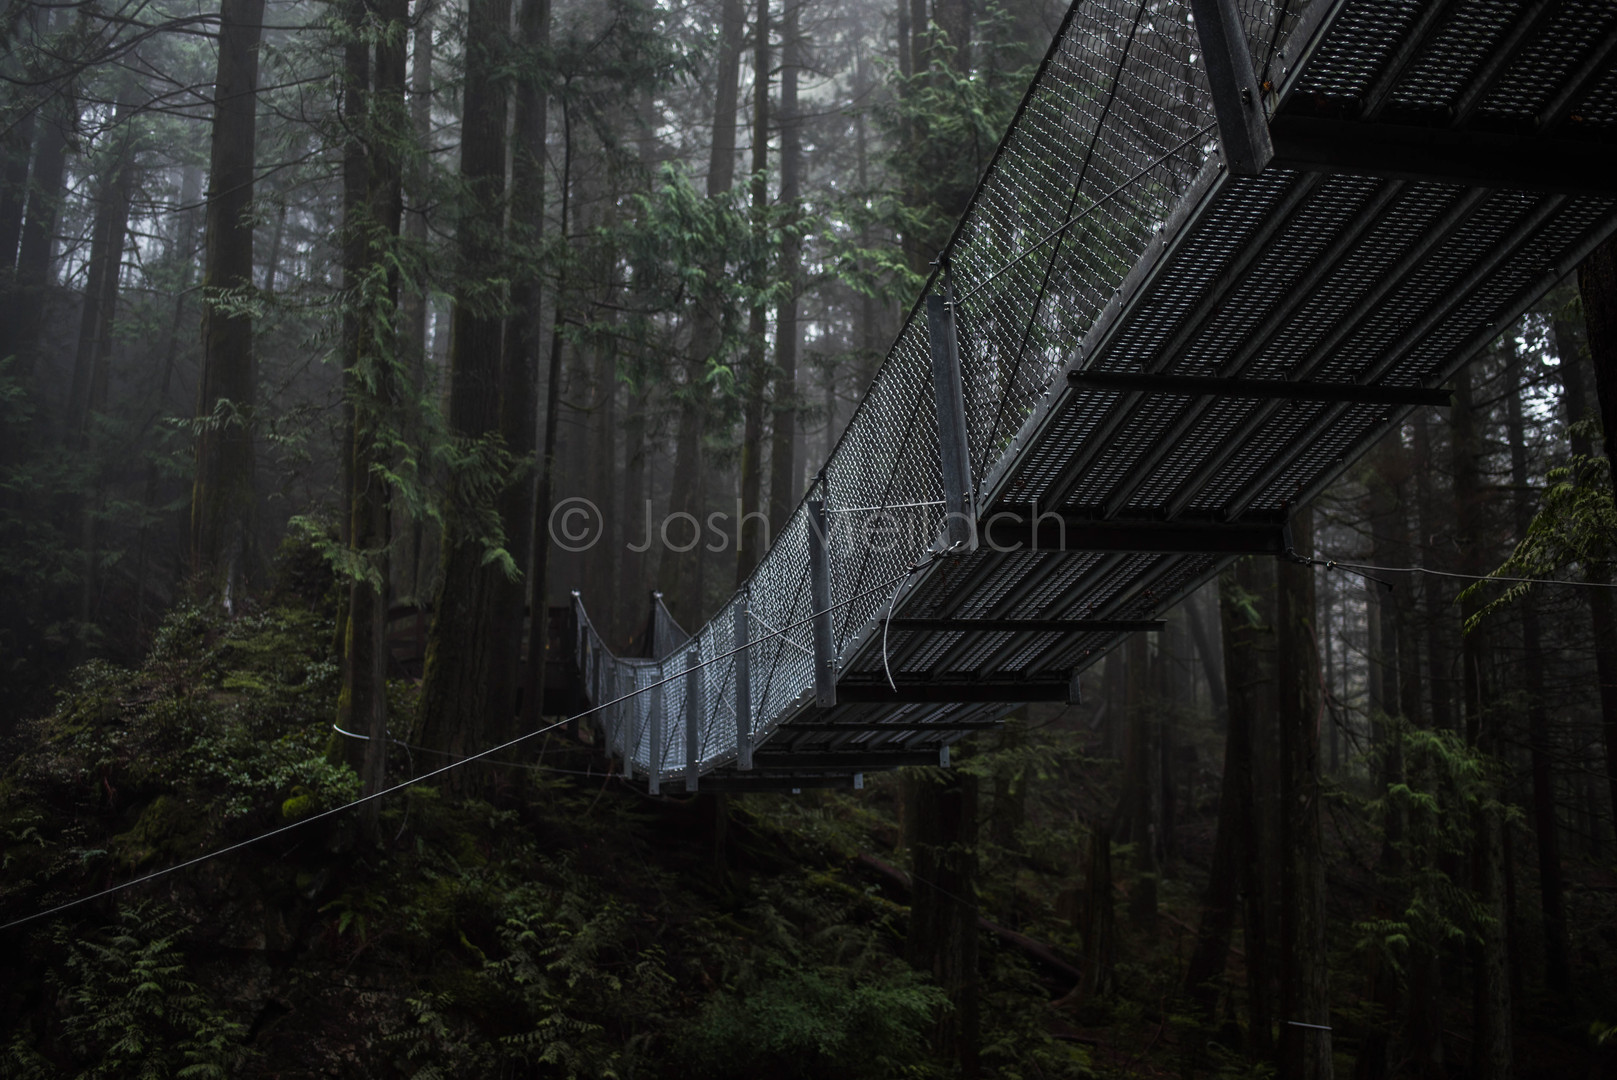 Cascade Suspenion Bridge